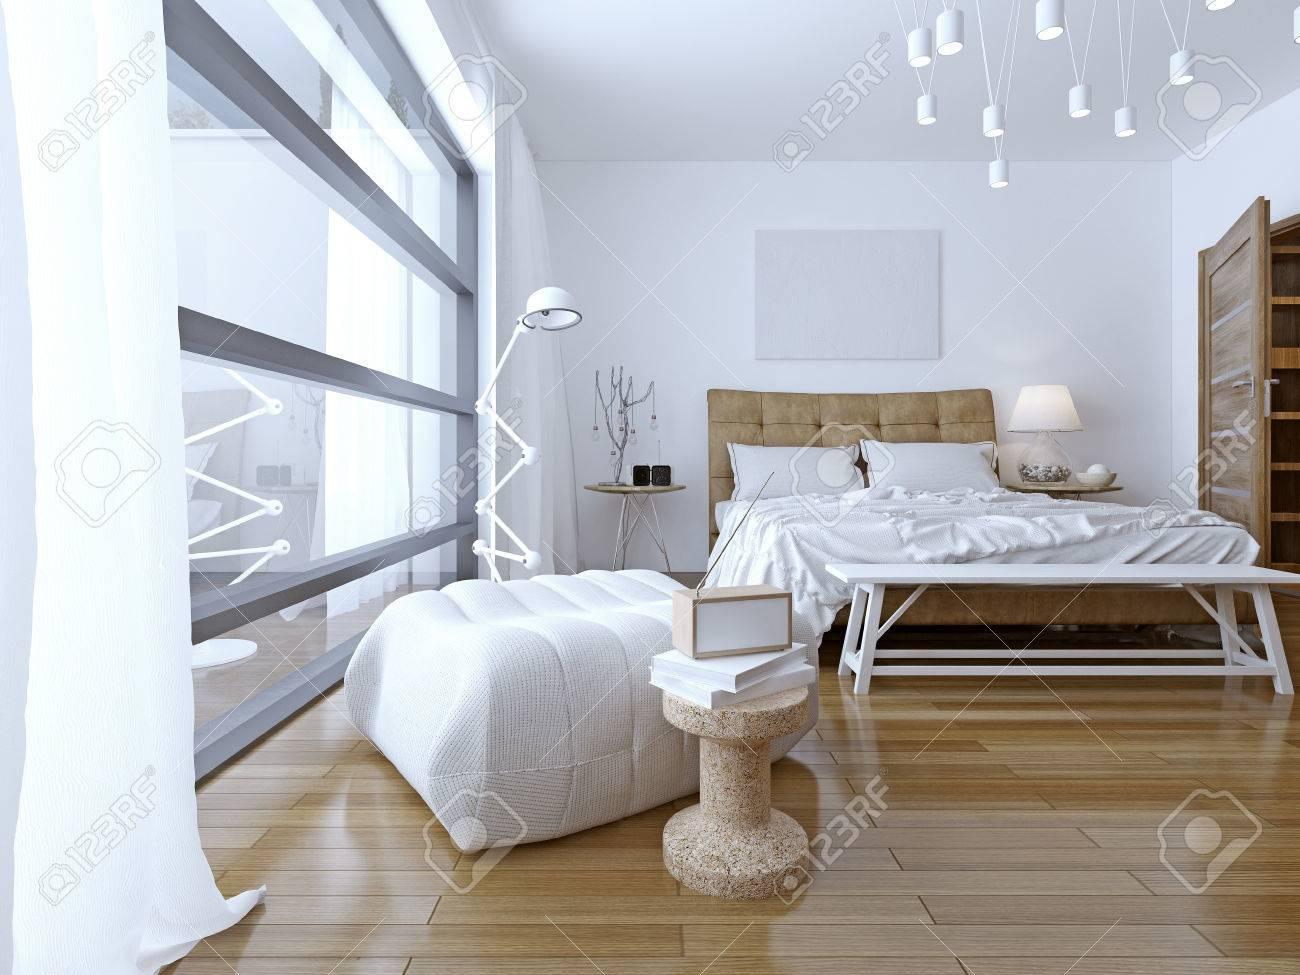 Schlafzimmer Mit Weißen Wänden In Modernem Stil. Etage ...